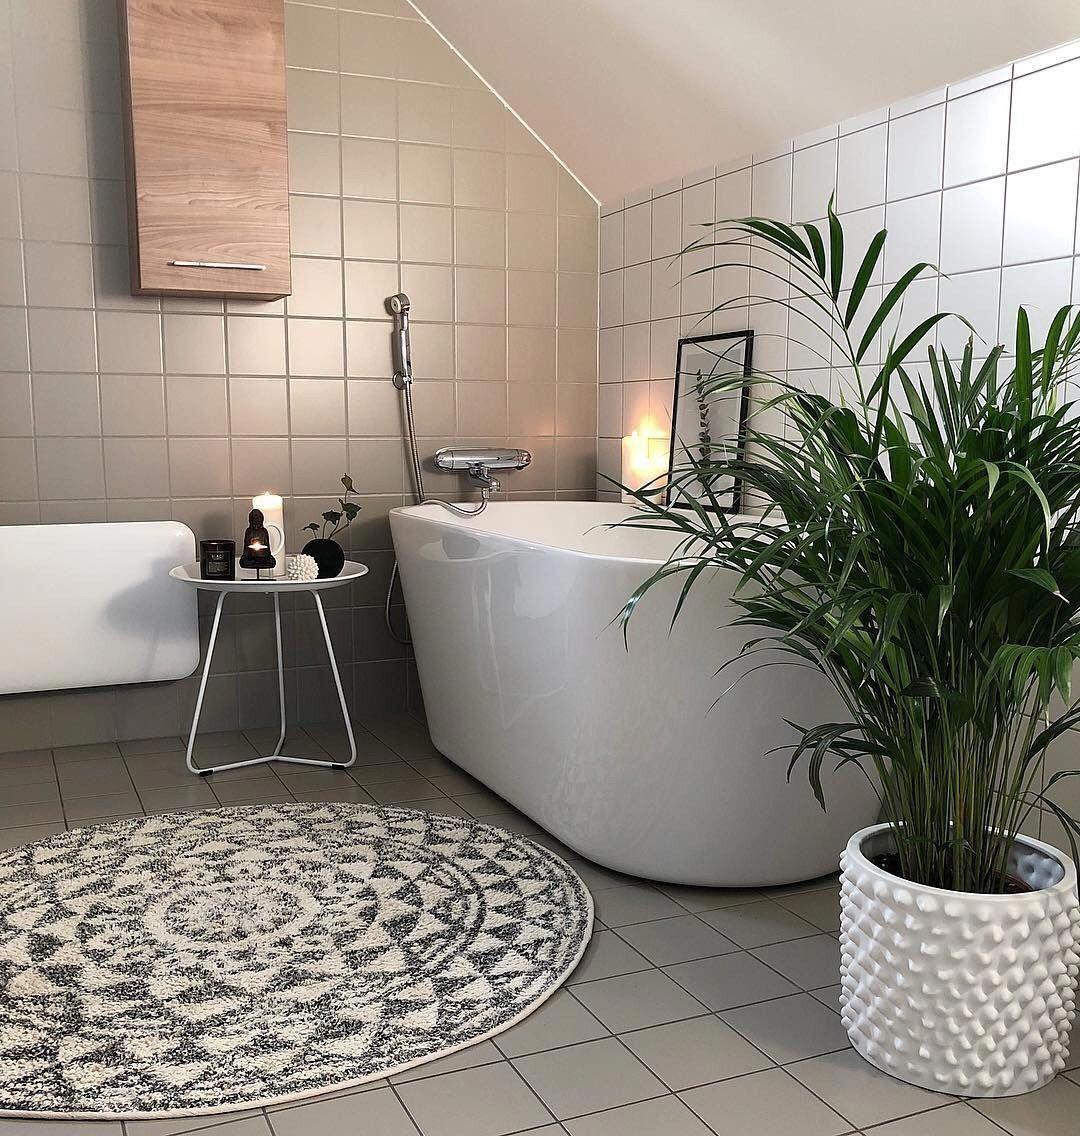 Bathroom Inspiration Teppich Bedroominteriordesign Badezimmerideen Badezimmer Einrichtung Badezimmer Dekor